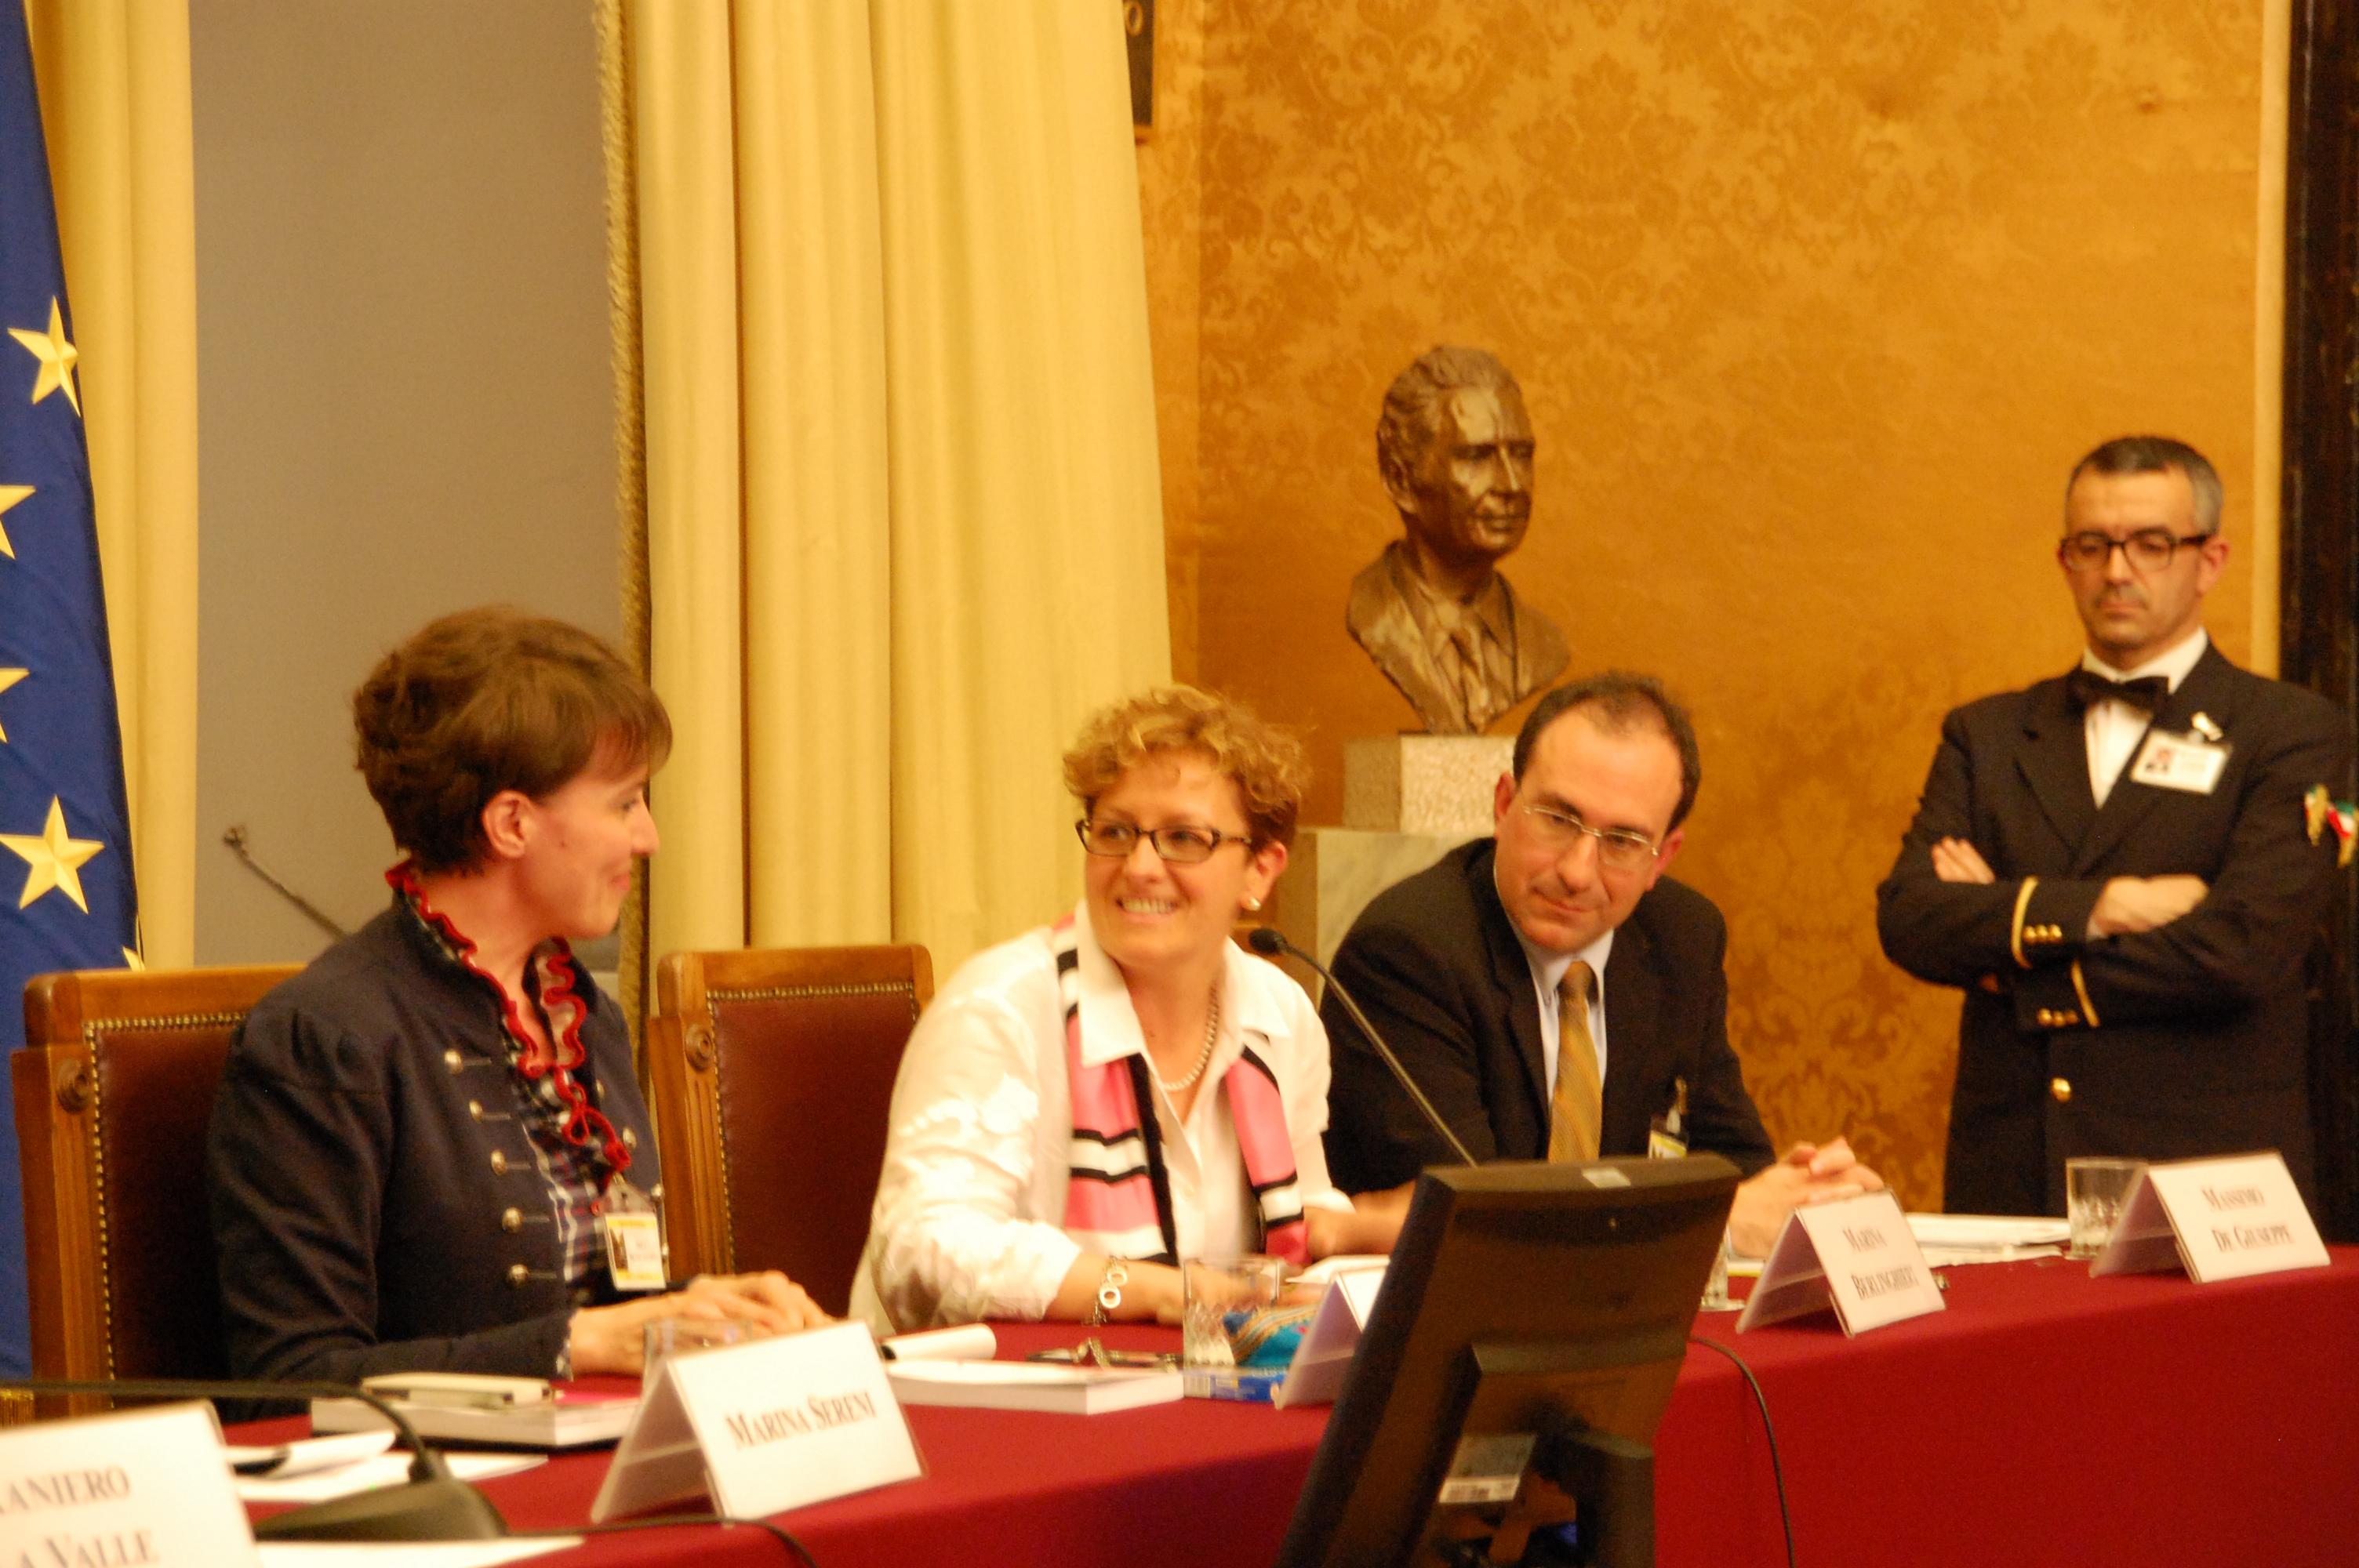 La giornalista Cecilia Rinaldini, l'onorevole Marina Berlinghieri e il professor Massimo De Giuseppe